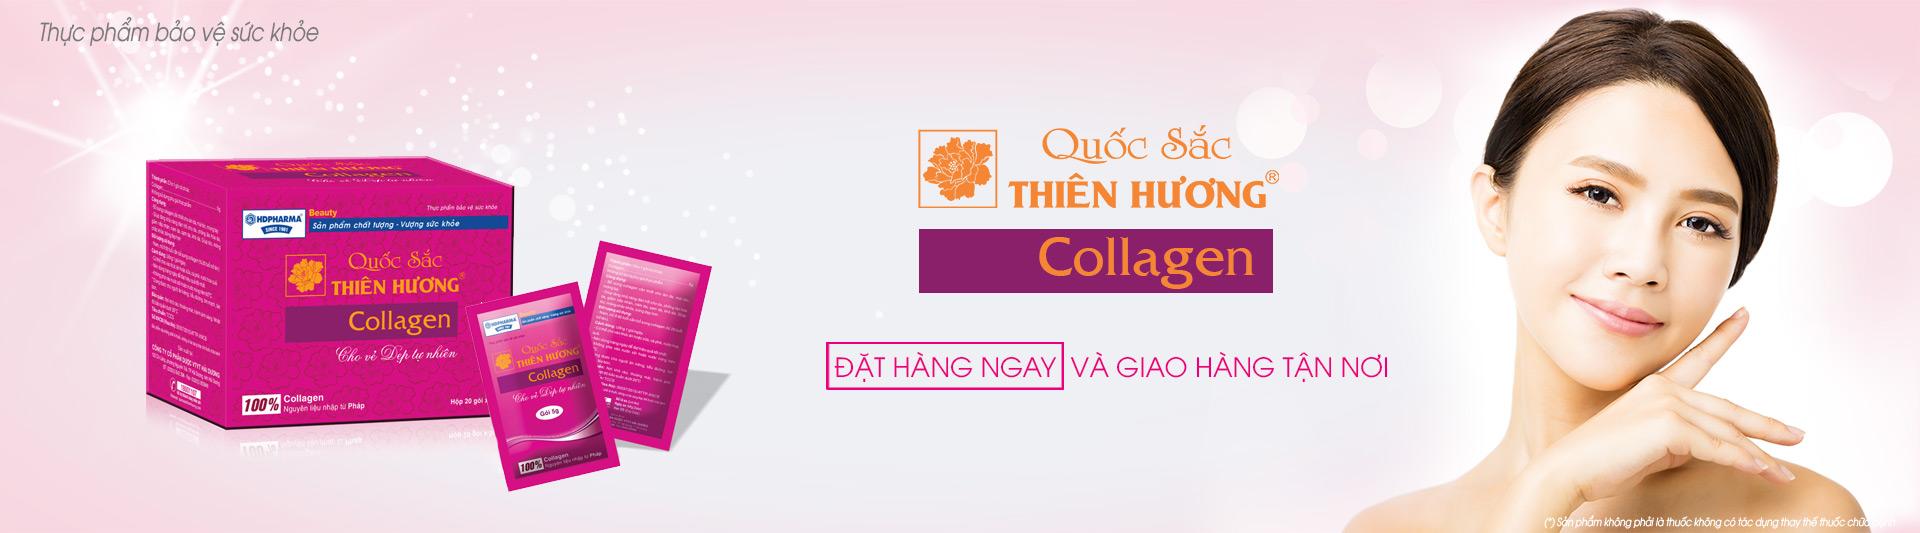 Gói Quốc Sắc Thiên Hương Collagen